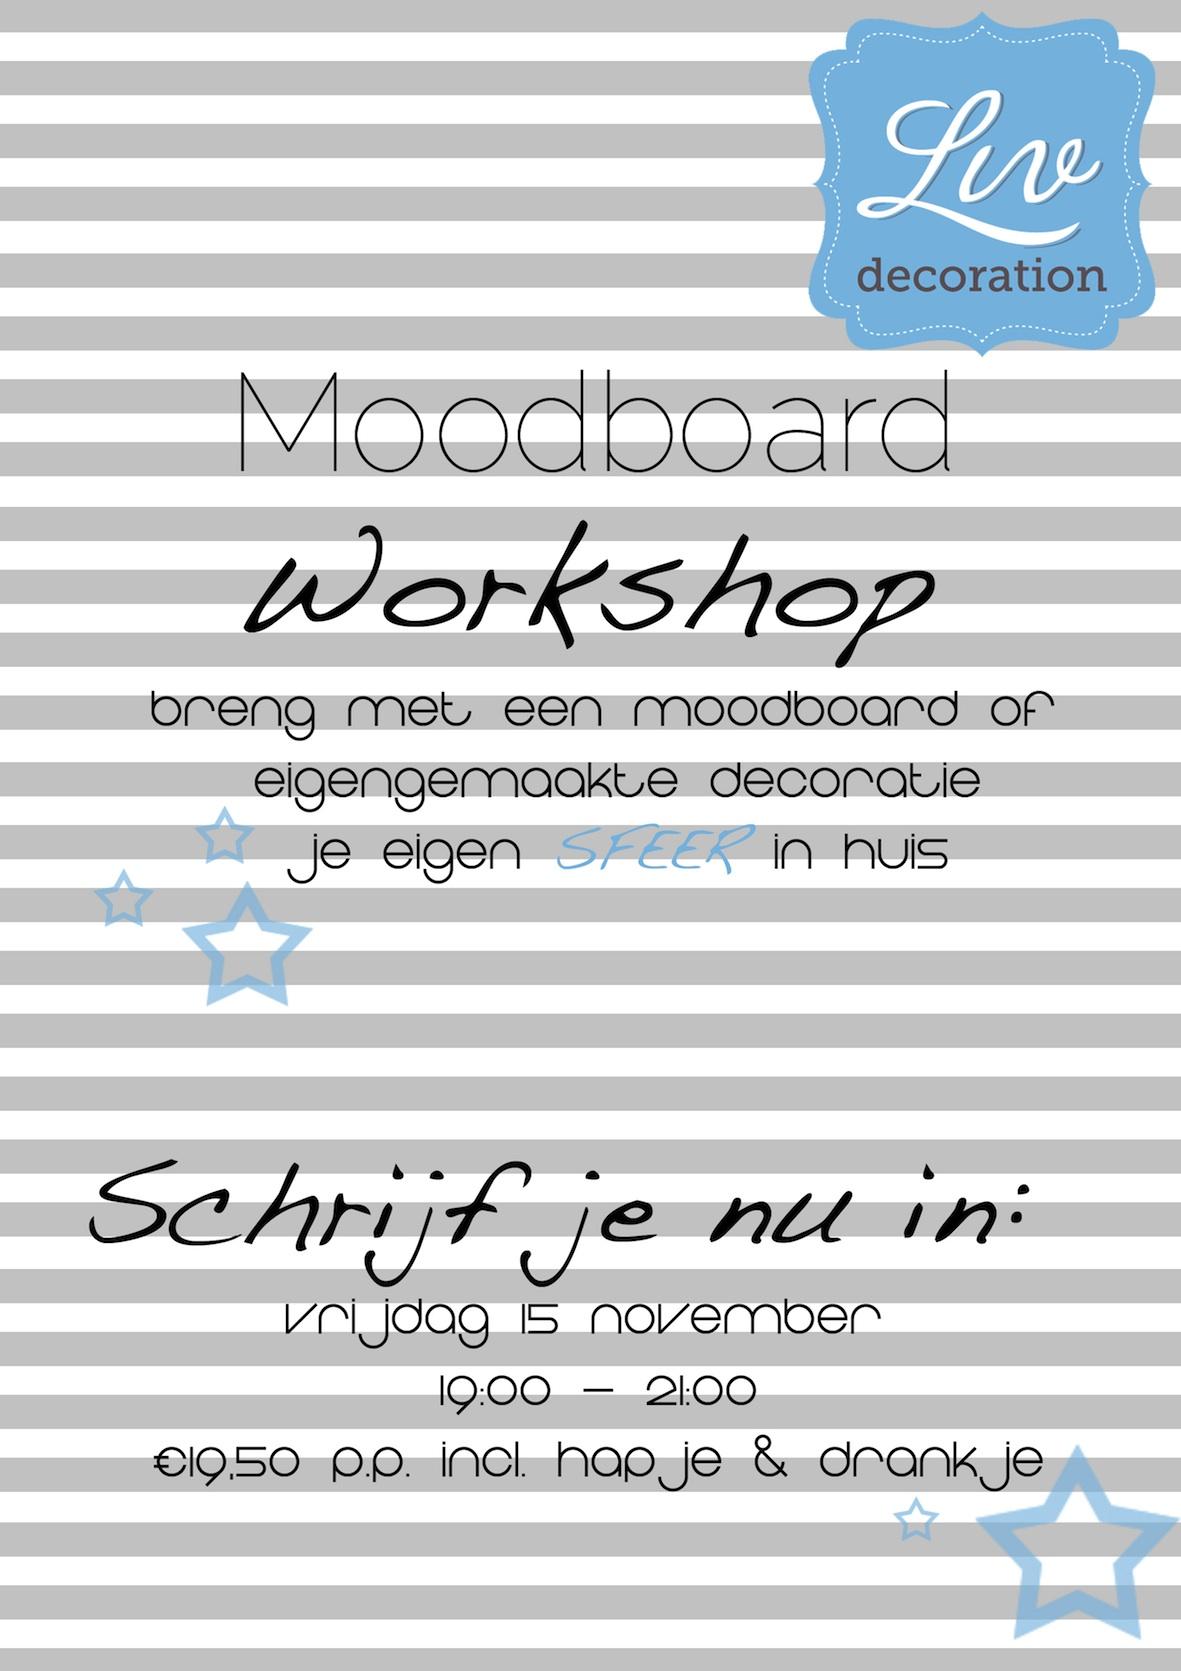 moodboardworkshop1